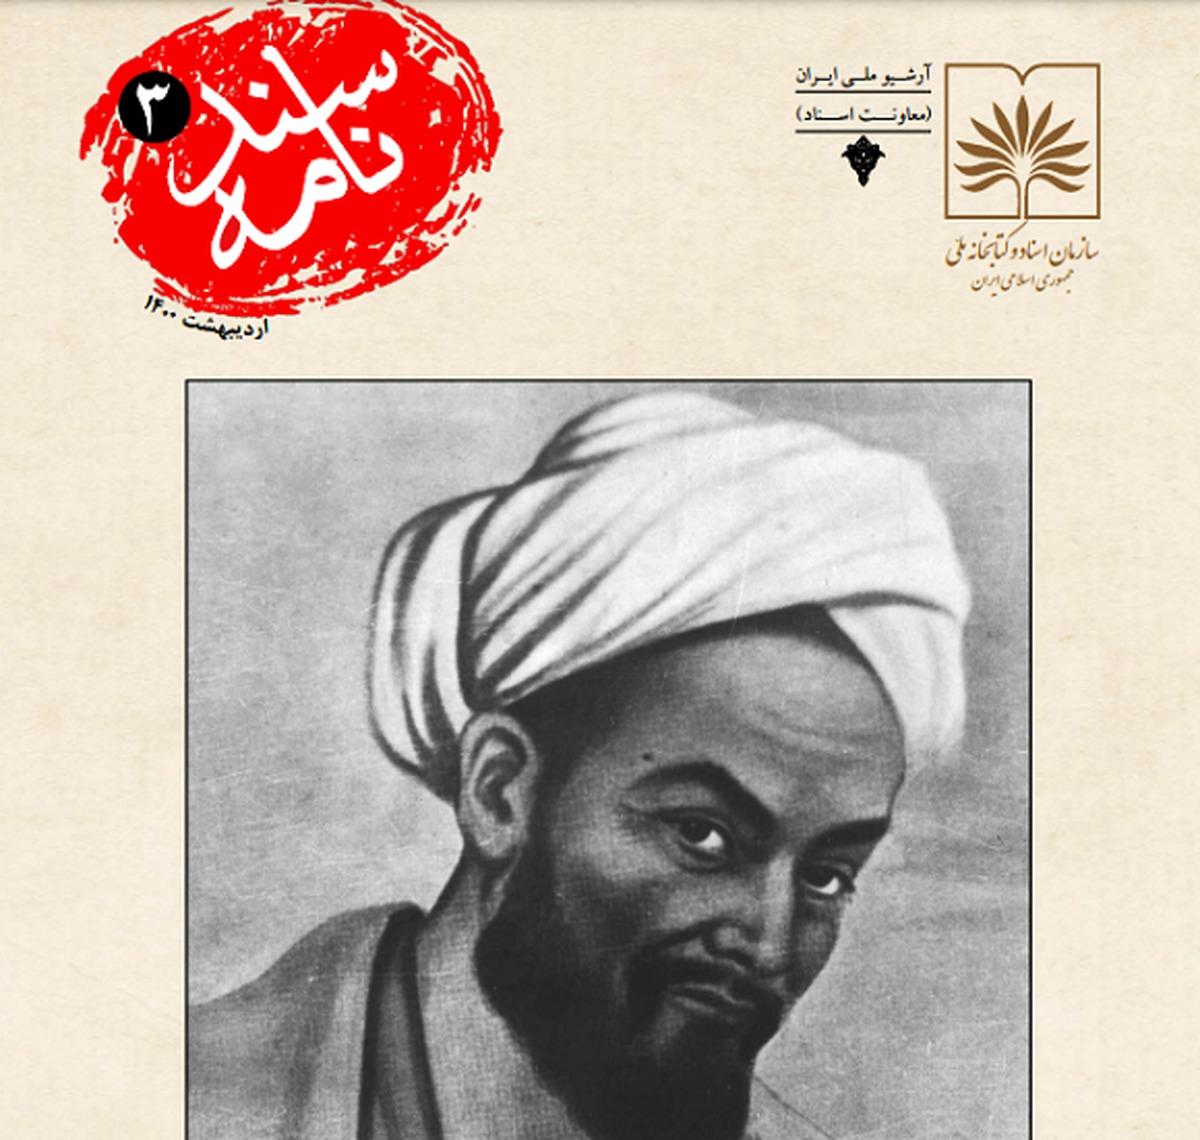 سندنامه ۳: سعدی به روایت جمالزاده |  دستنوشتههای پدر داستاننویسی کوتاه ایران